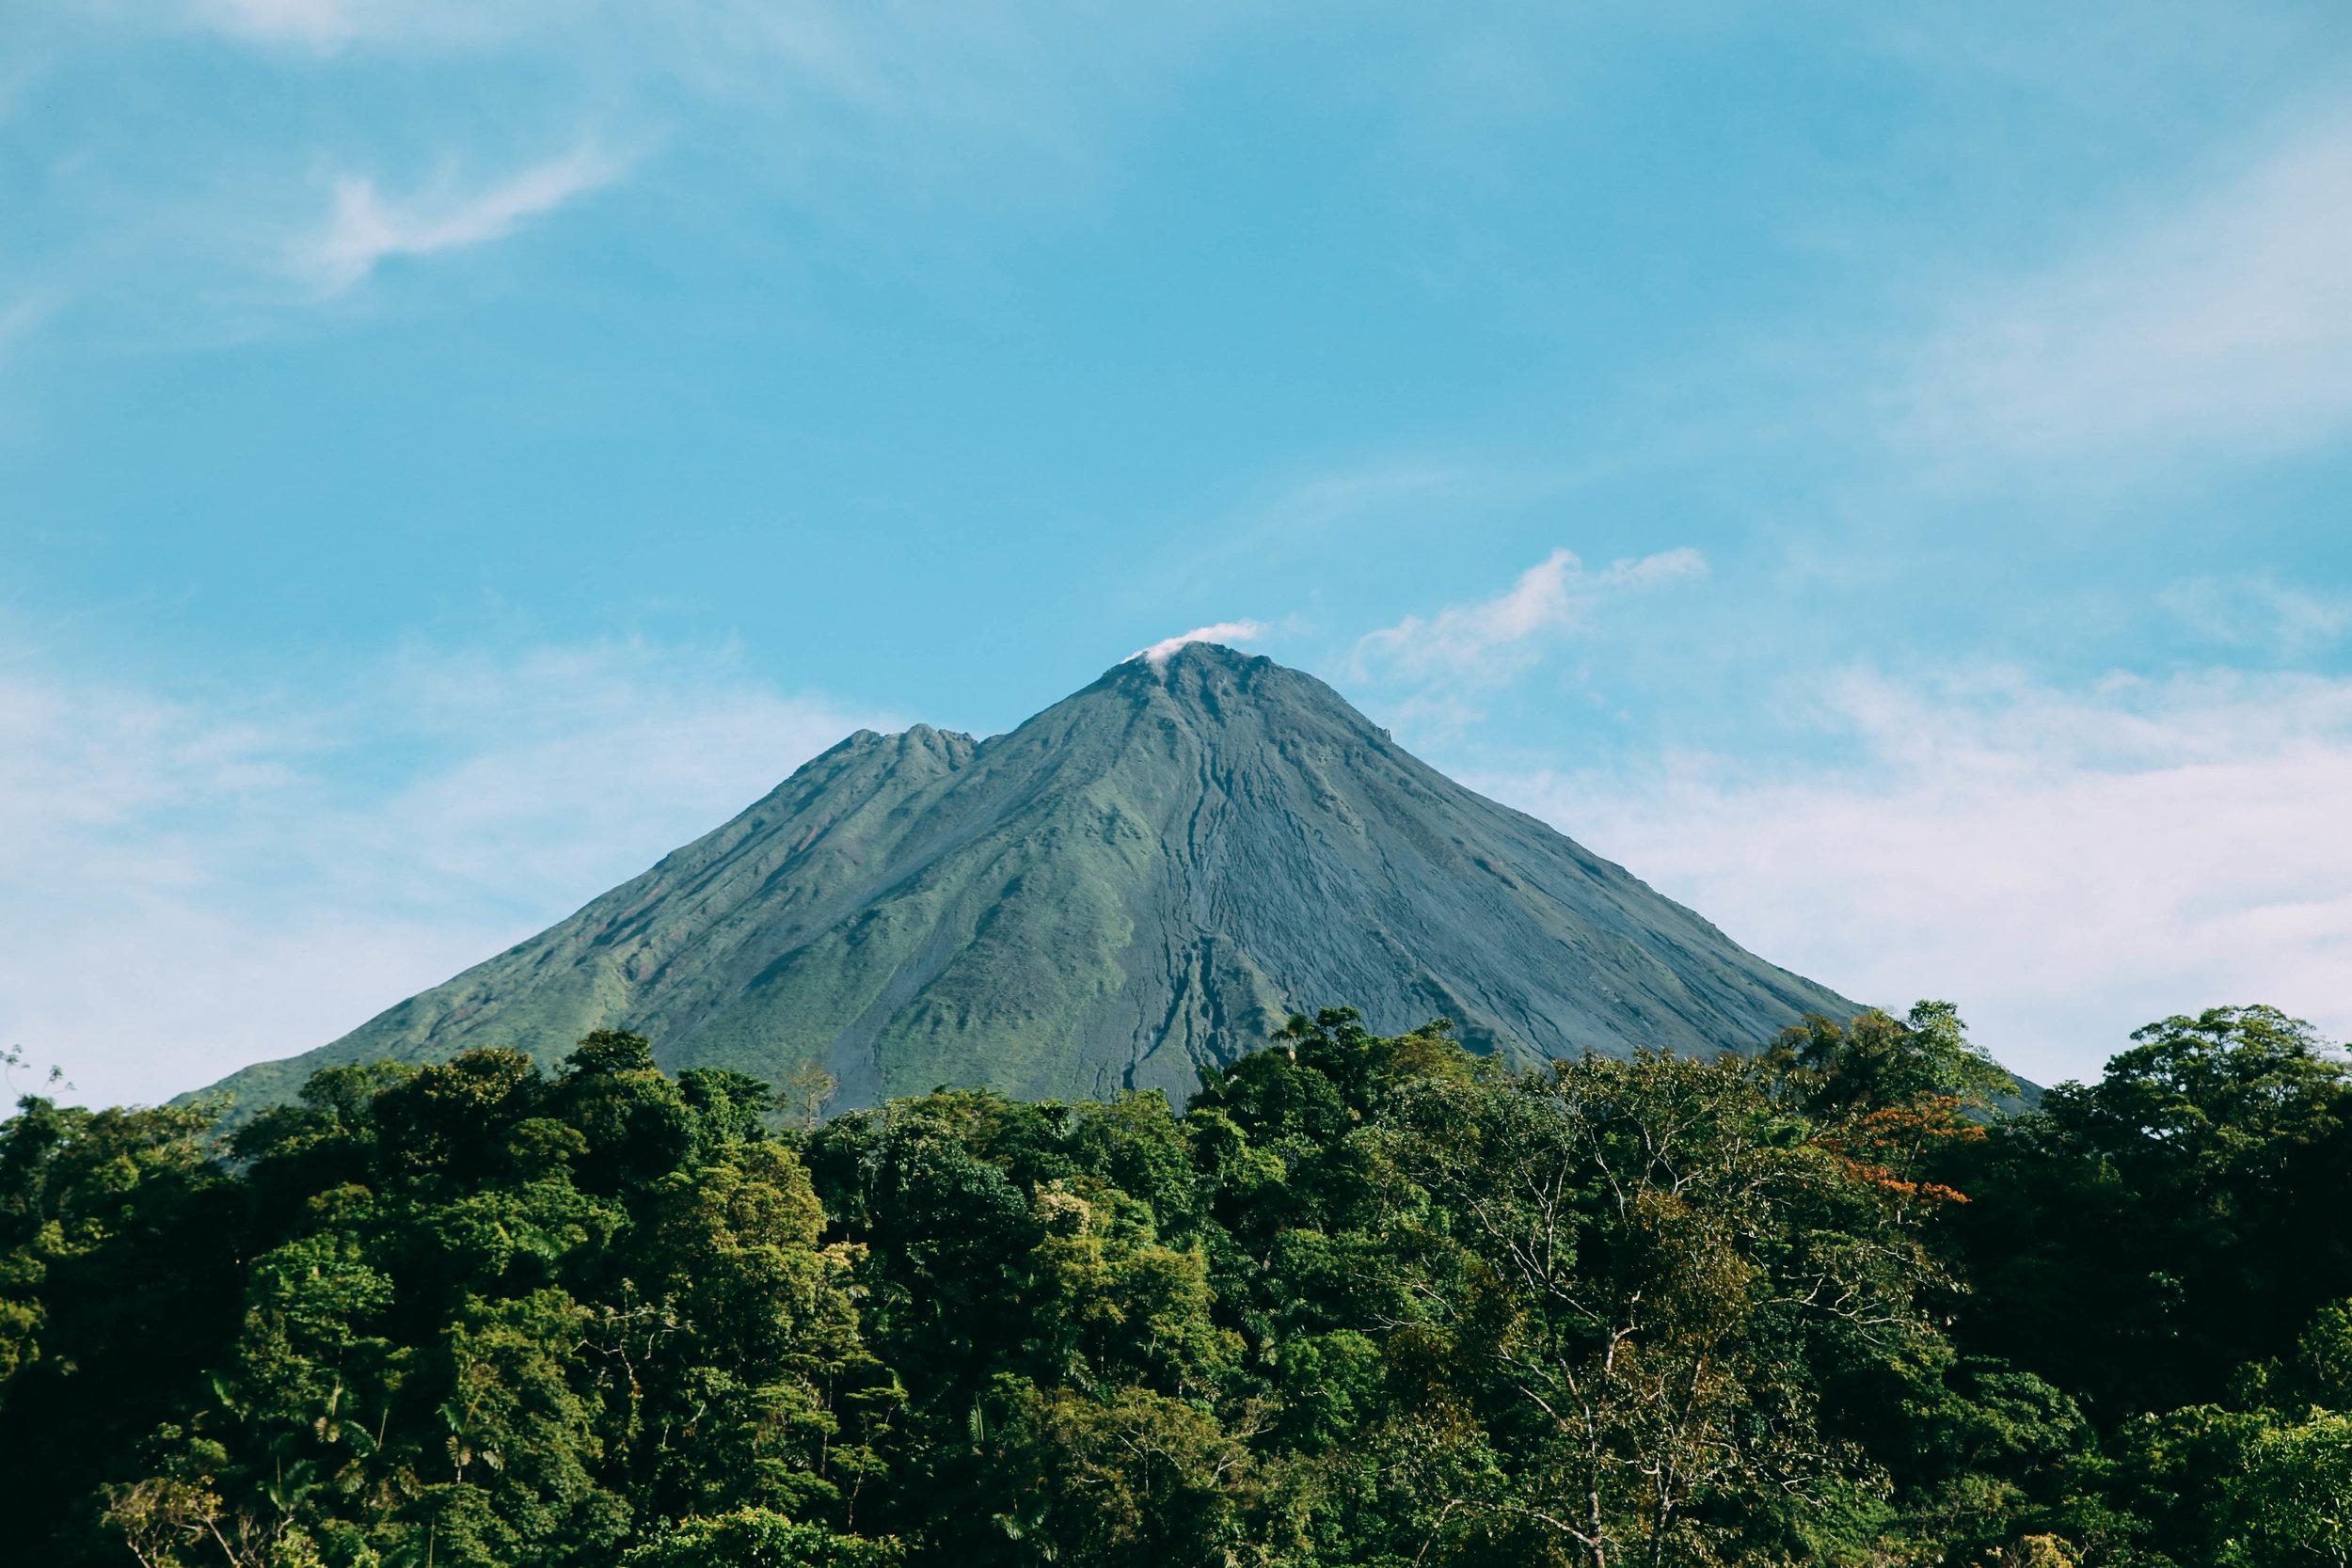 COSTA RICA - NEW LOCATION